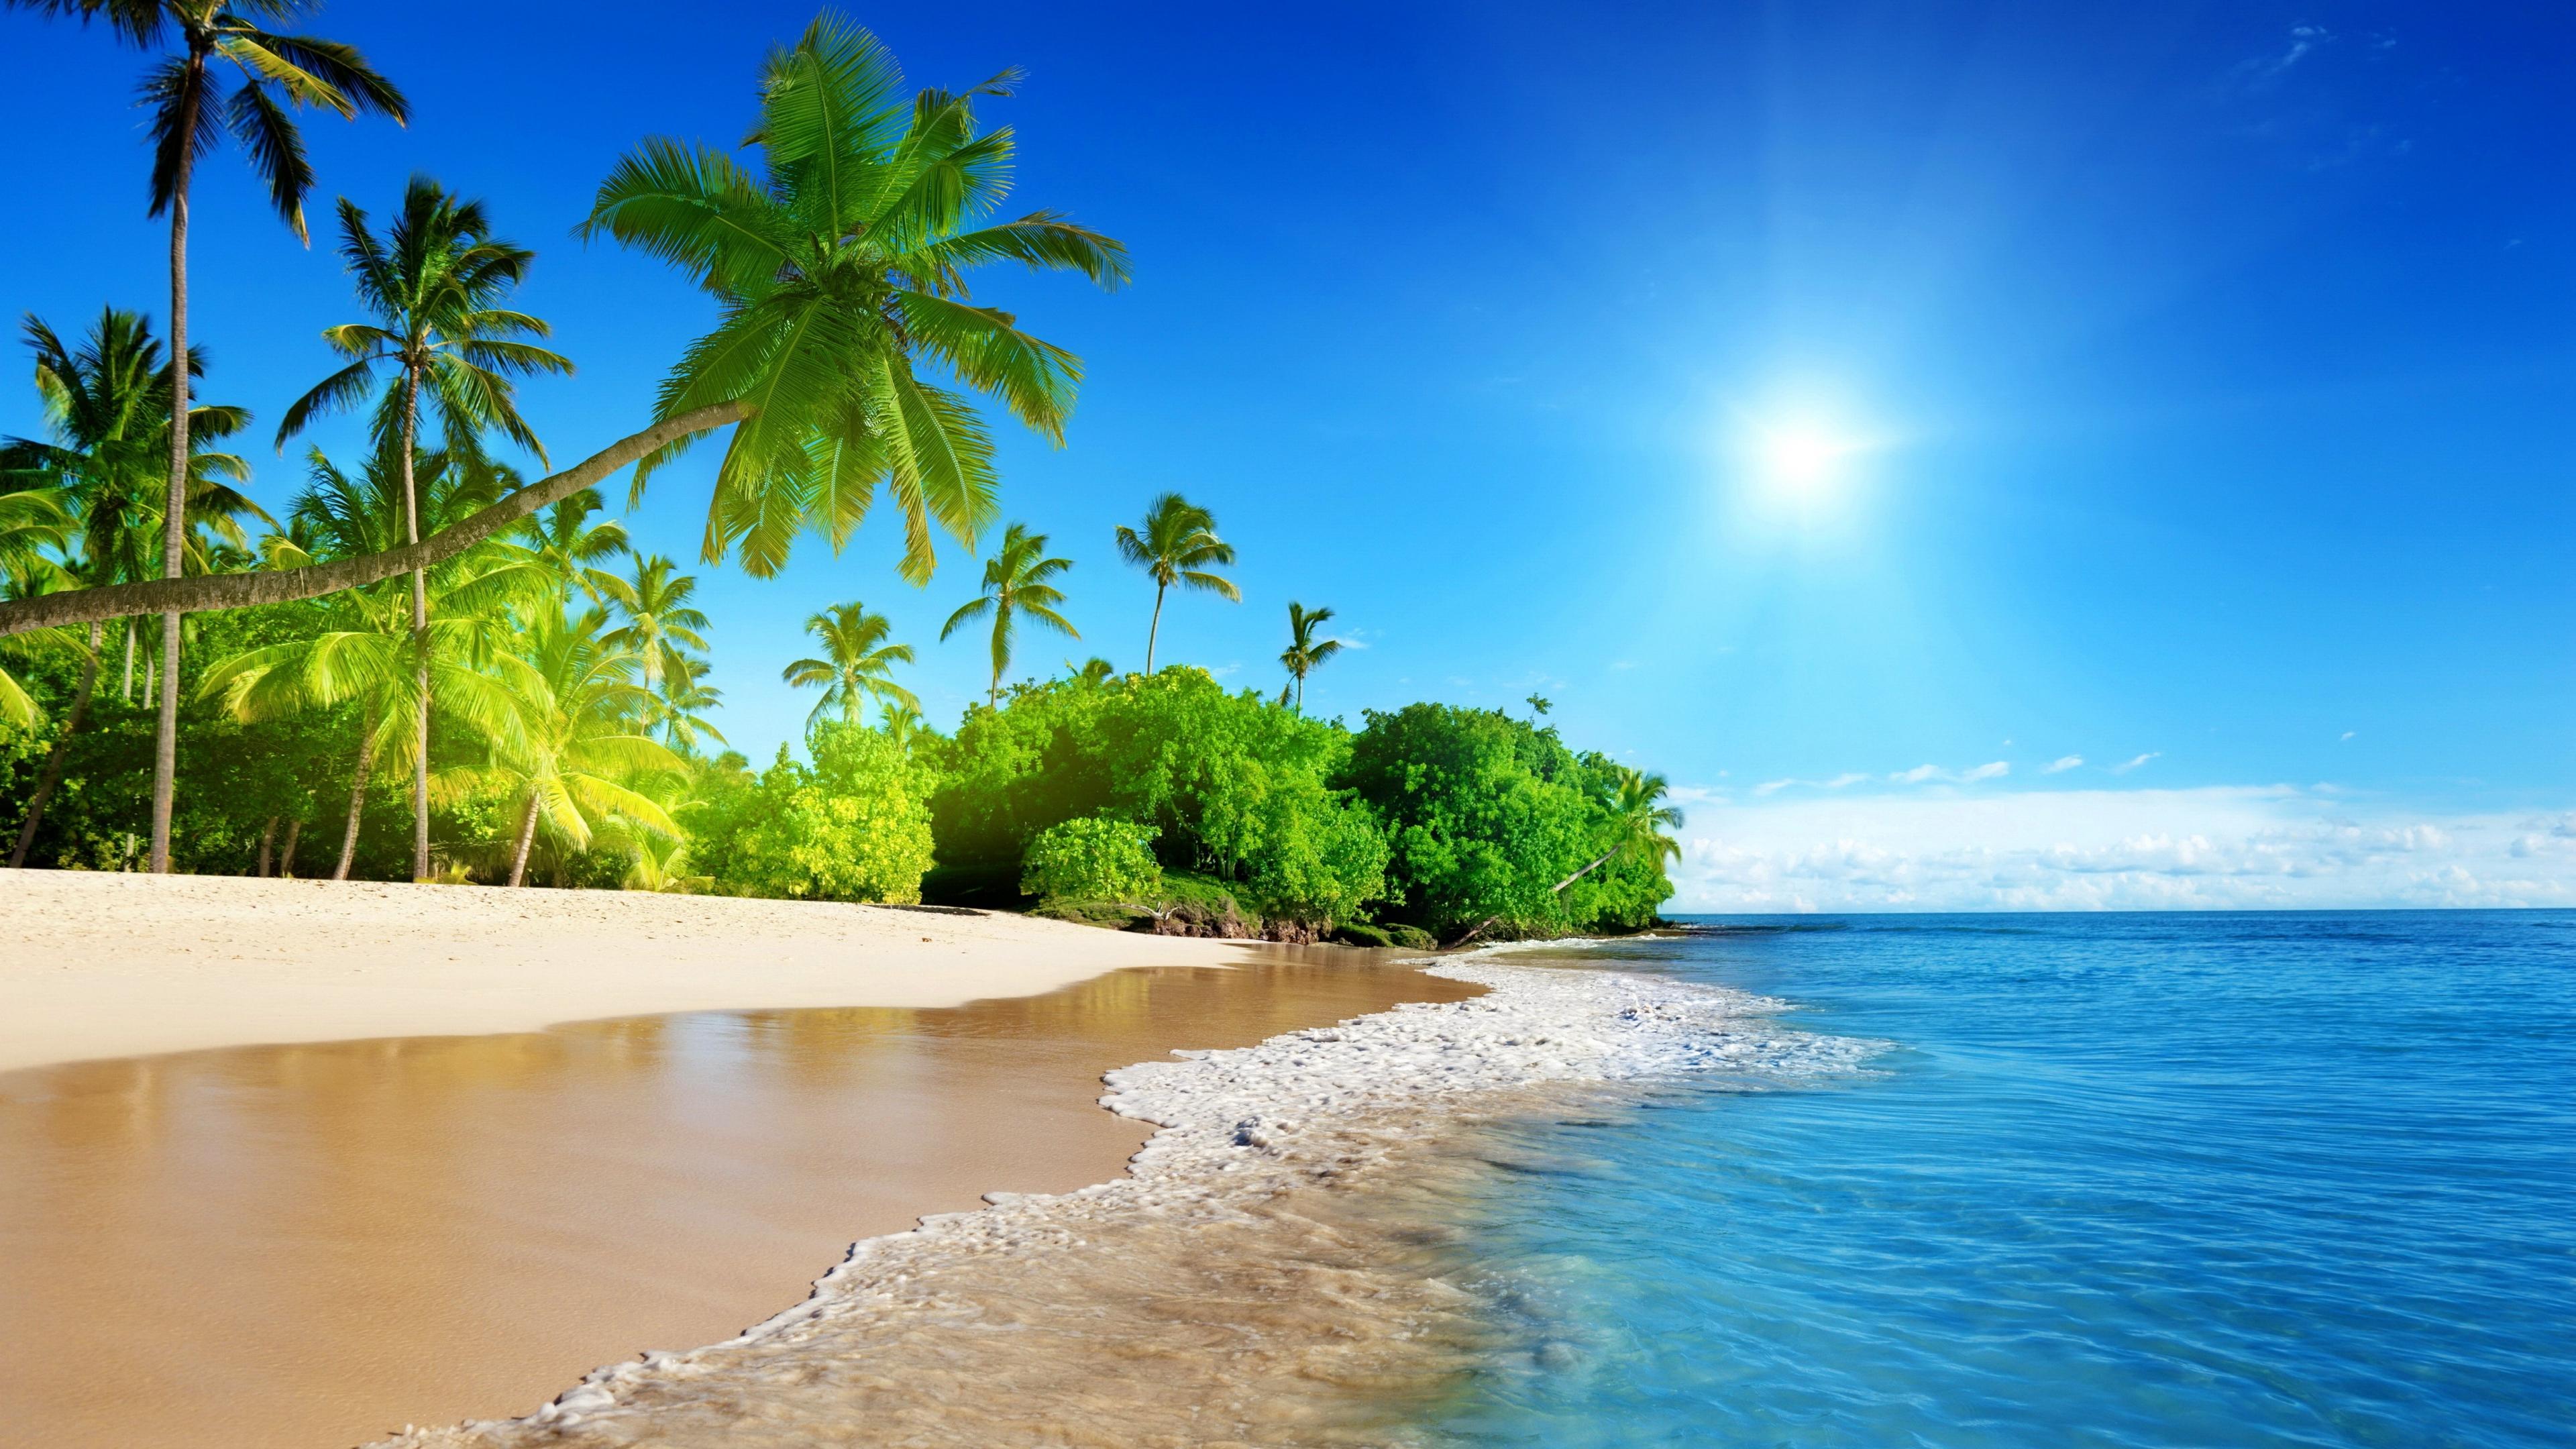 Best Tropical Beach Desktop Wallpaper For Iphone Hd Pics ...